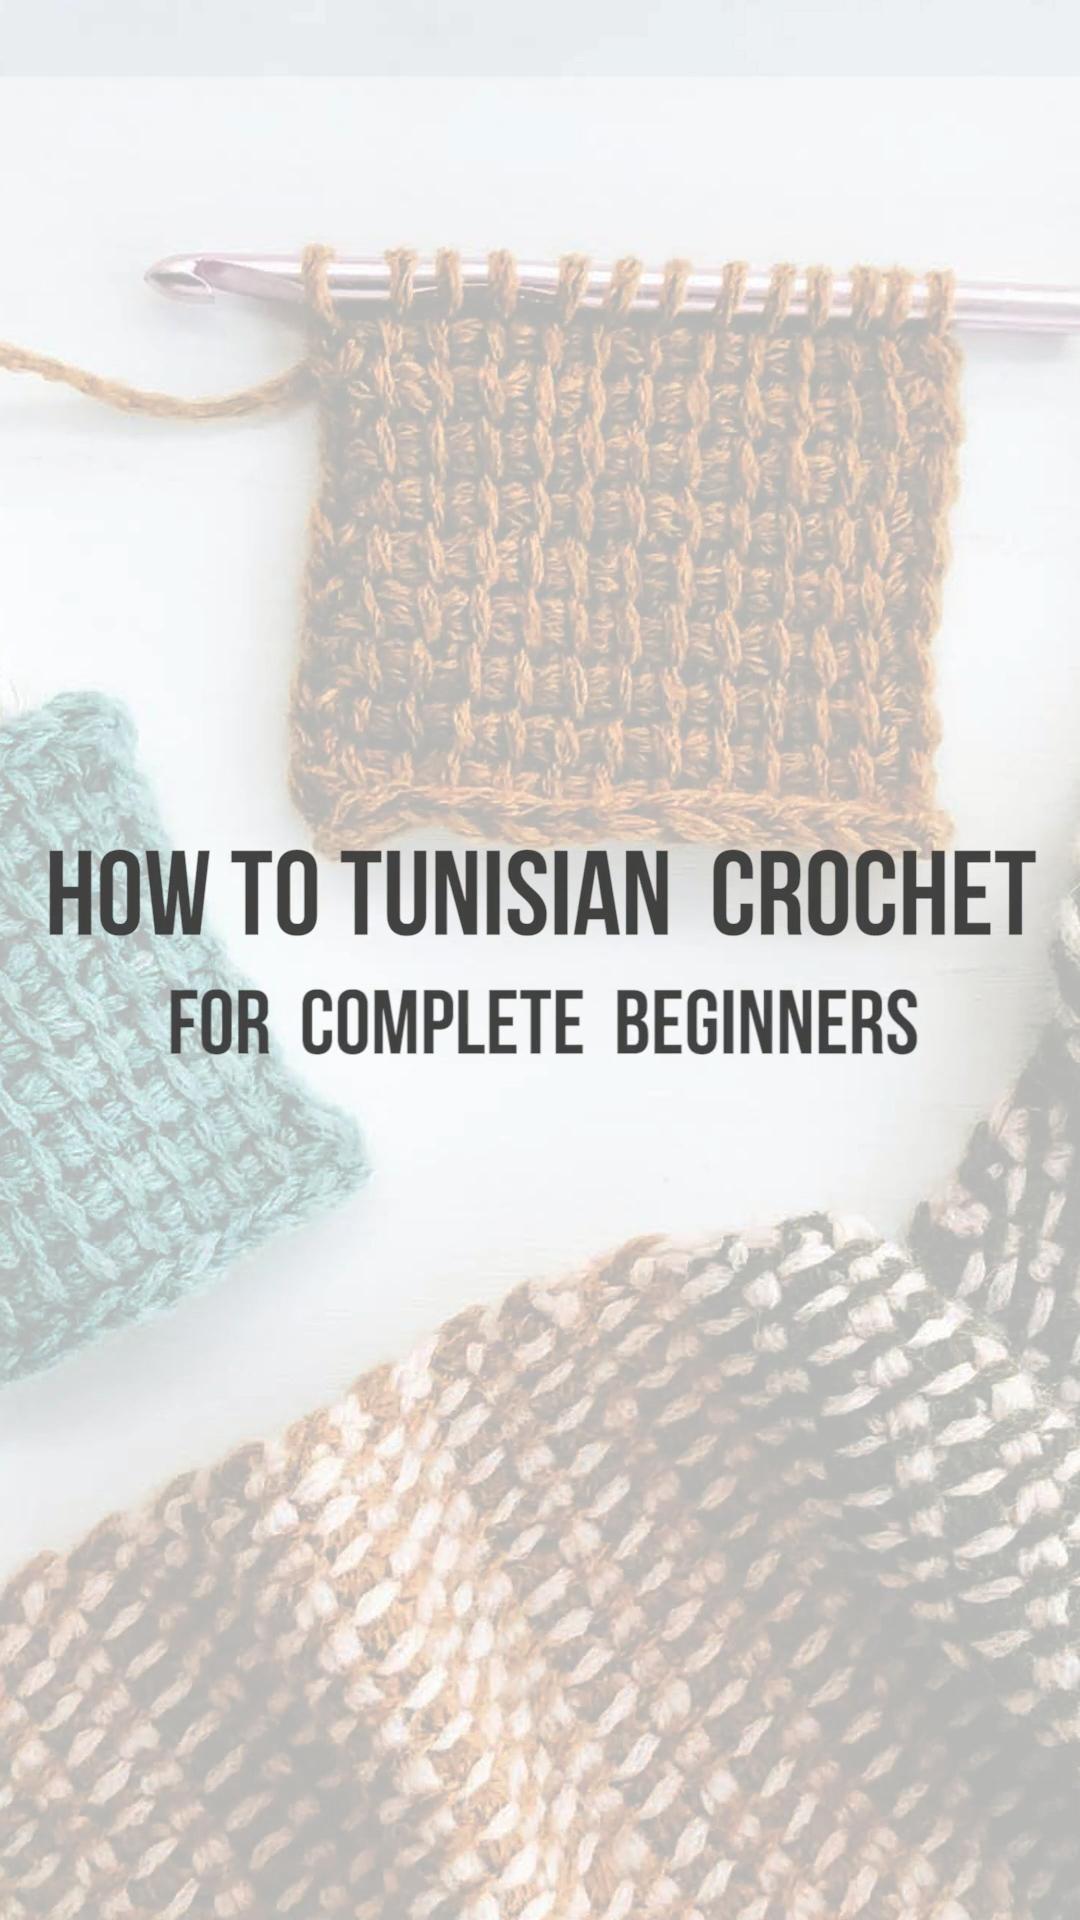 Video tutorial de crochet tunecino para principiantes: todo lo que necesita saber para comenzar